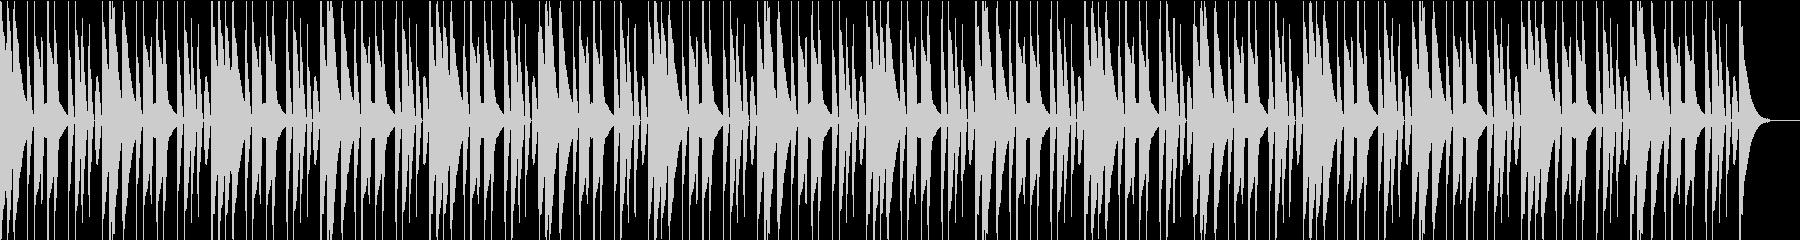 日本のお囃子を参考にしたリズム(テクノ)の未再生の波形